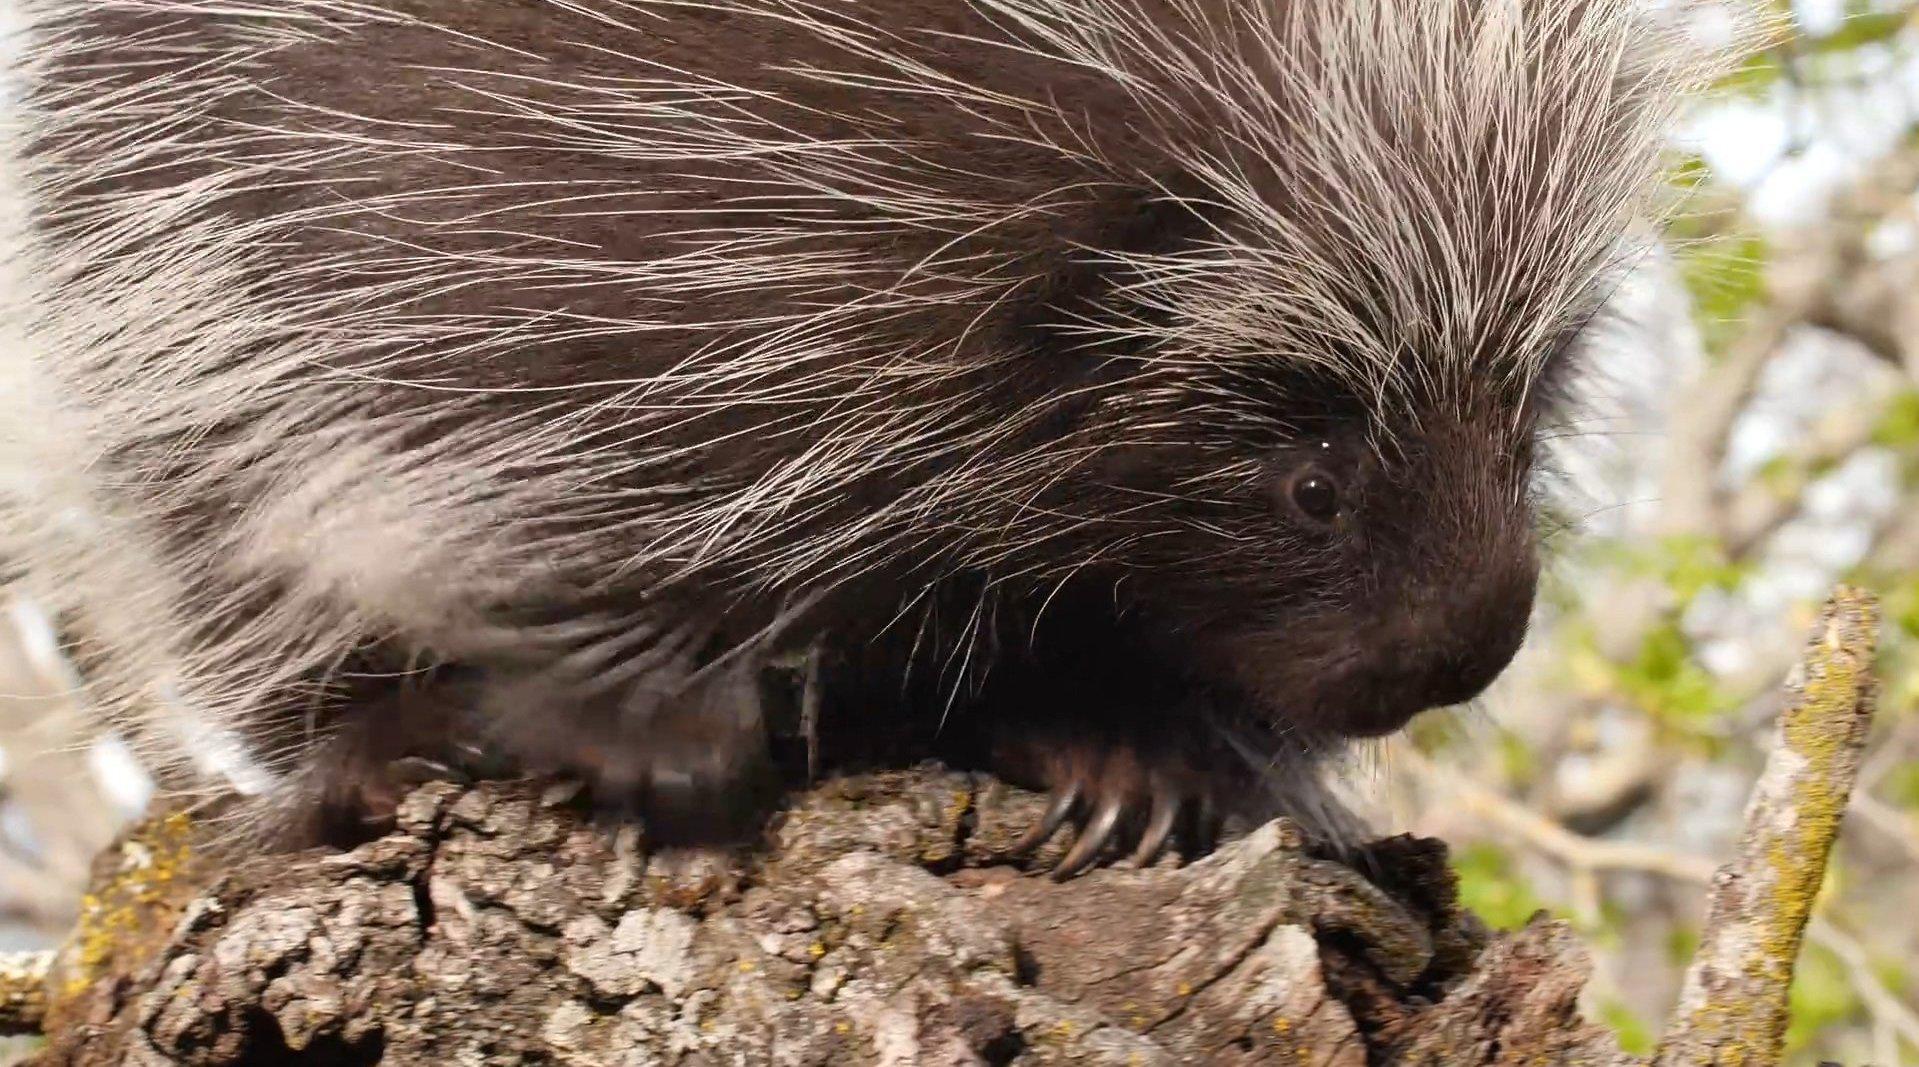 北美豪猪可能很可爱,但它们身上的刺却如剃刀般锋利……